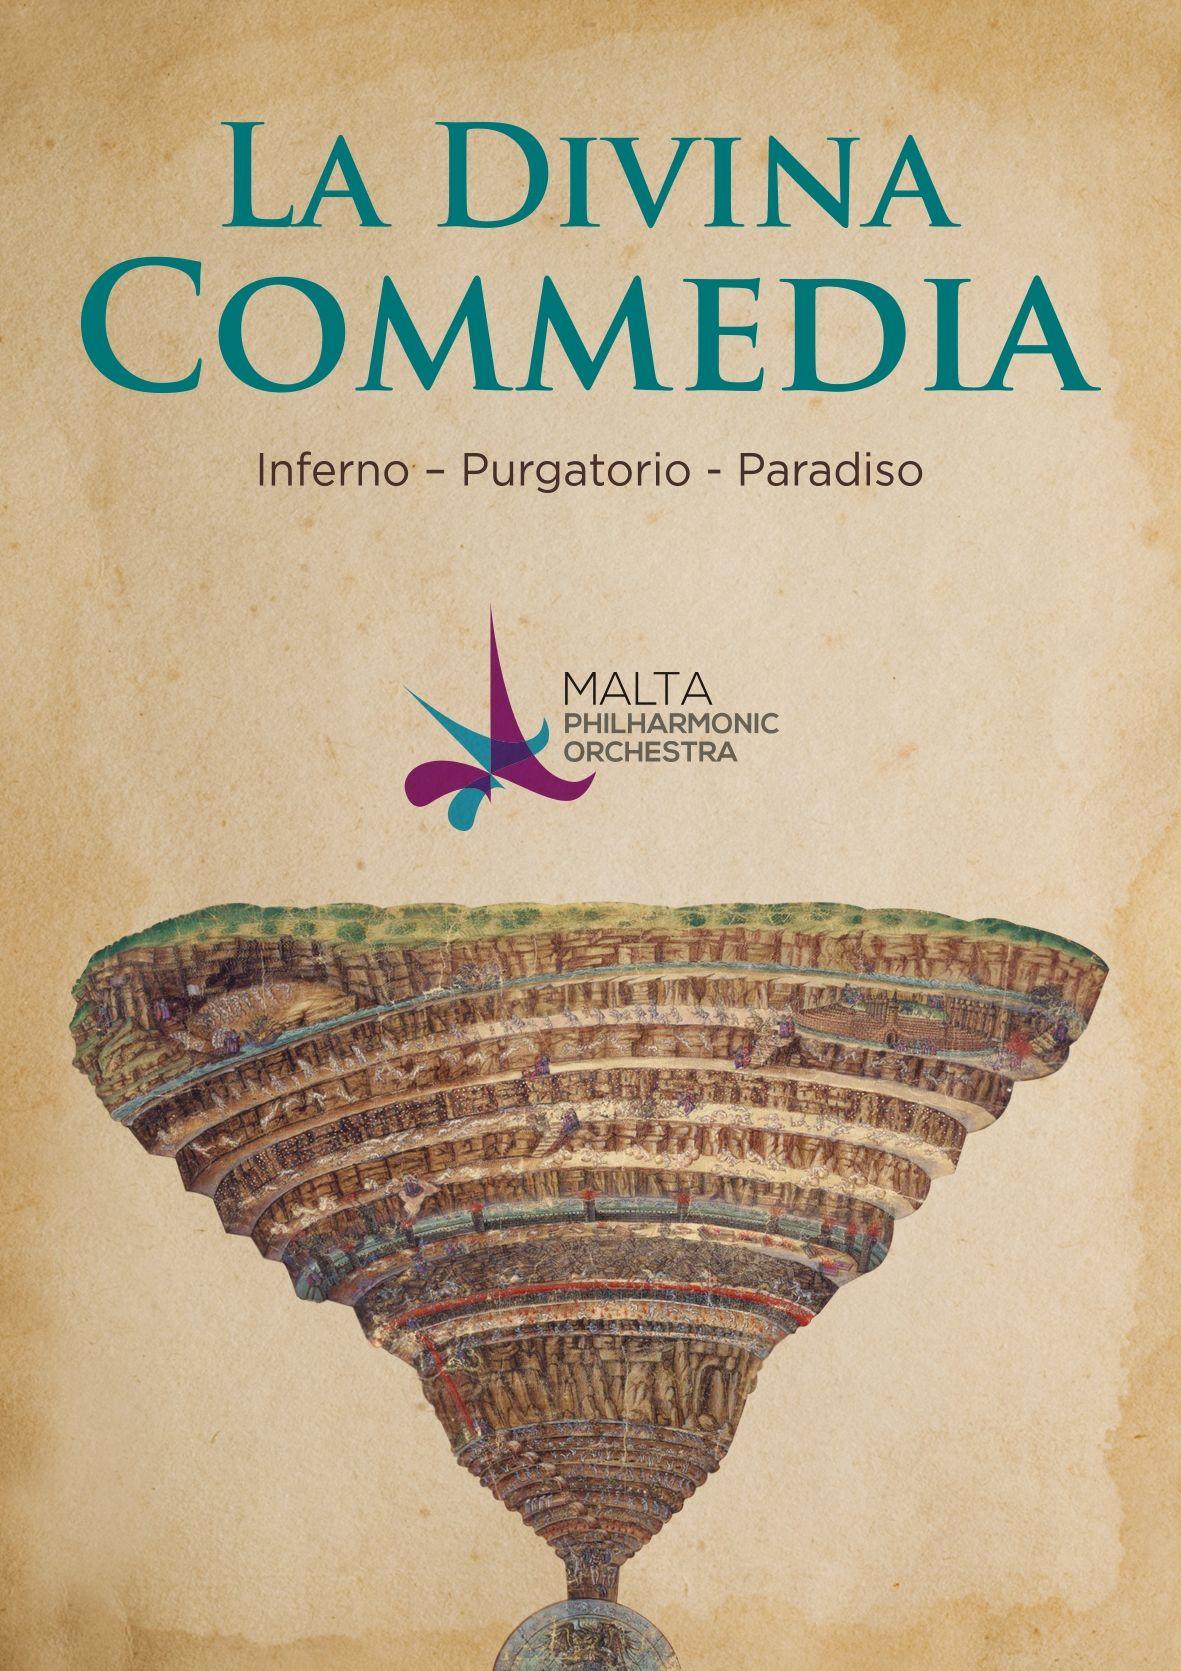 La Divina Commedia flyer